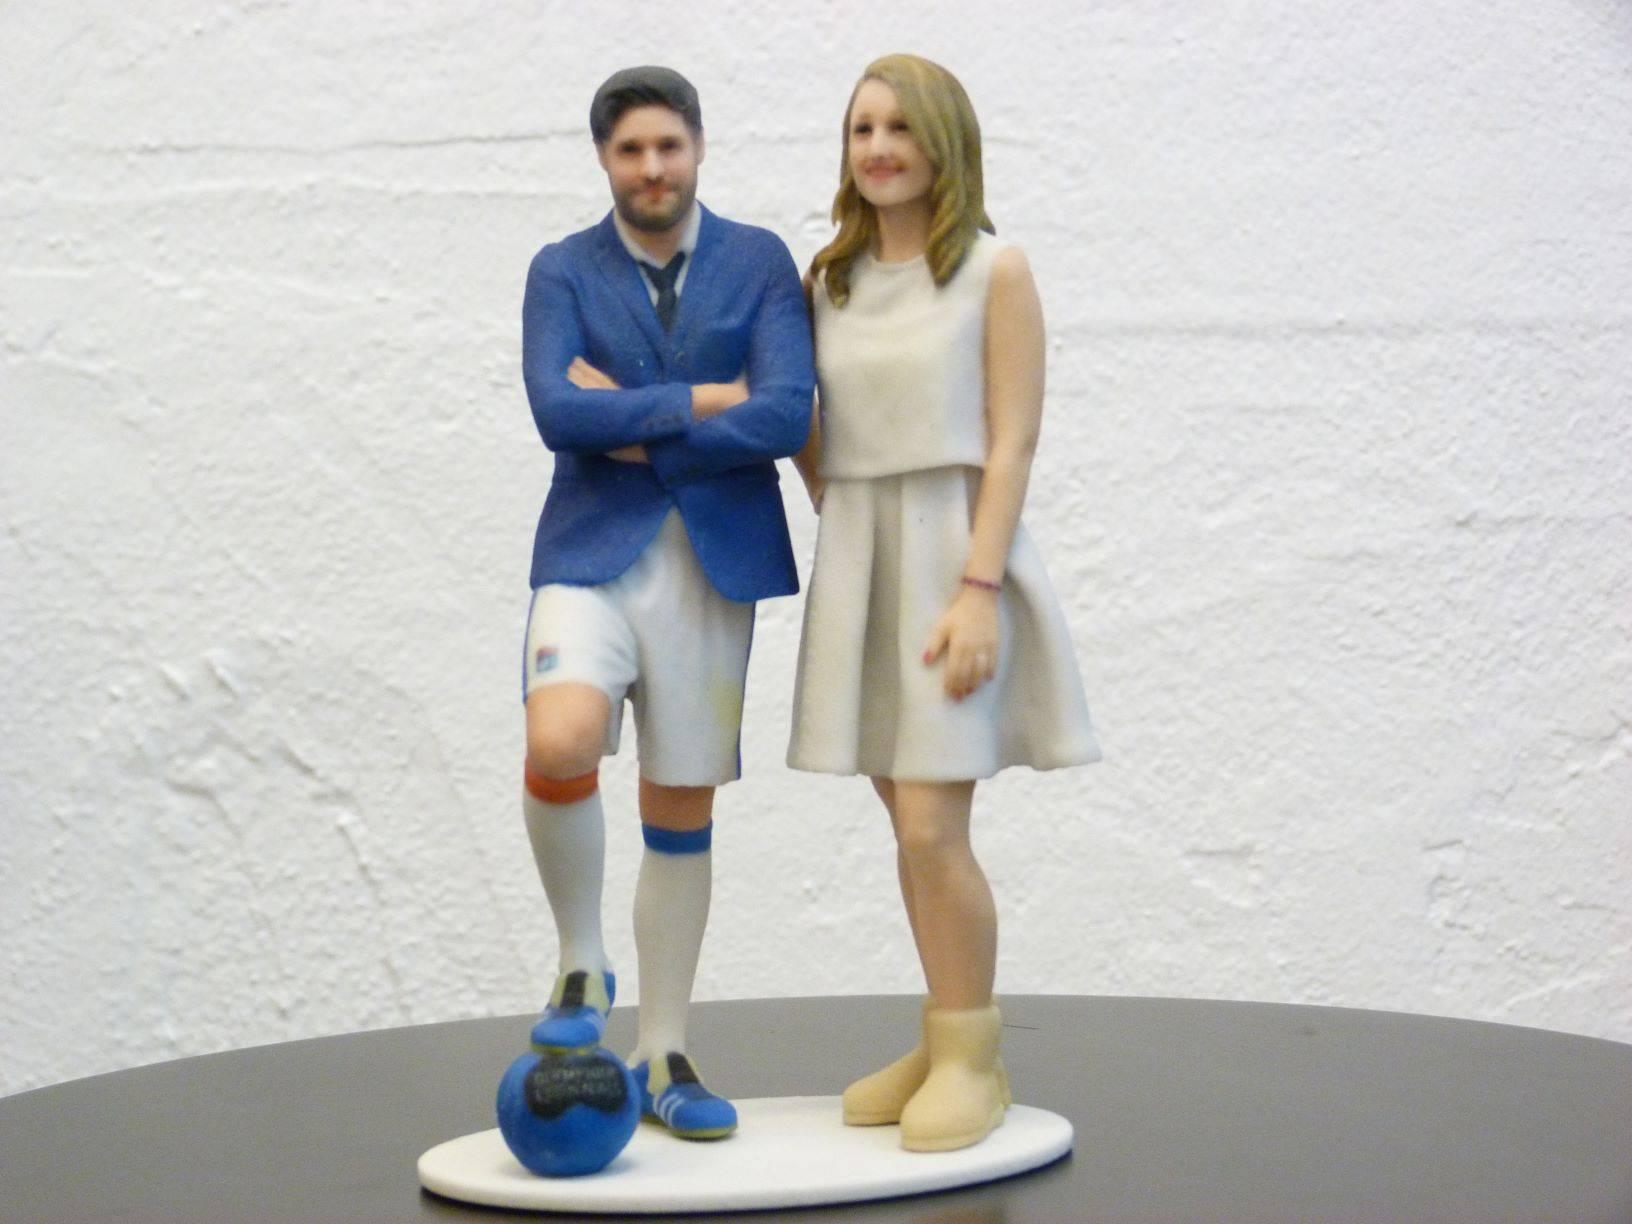 Figurines duo 20 cm